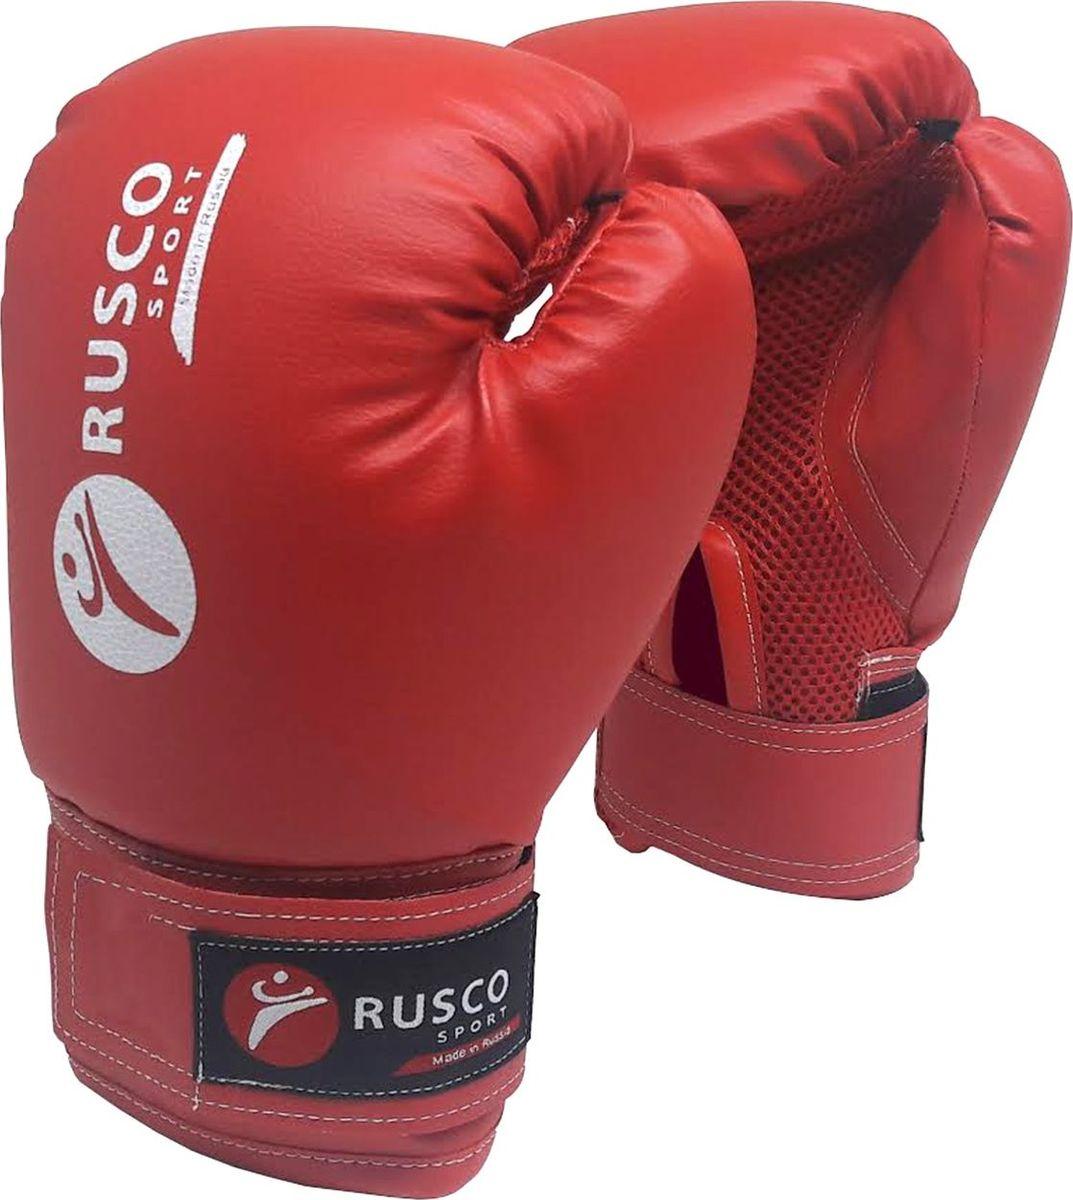 Перчатки боксерские Rusco, цвет: красный, 8 ozУТ-00008587Перчатки боксерские, 8 oz, к/з - это боксерские перчатки красного цвета, которые широко используются начинающими спортсменами и юниорами на тренировках. Перчатки имеют мягкую набивку, специально разработанная удобная форма позволяет избежать травм во время тренировок и профессионально подготовиться к бою. Превосходно облегают кисть, следуя всем анатомическим изгибам ладони и запястья.